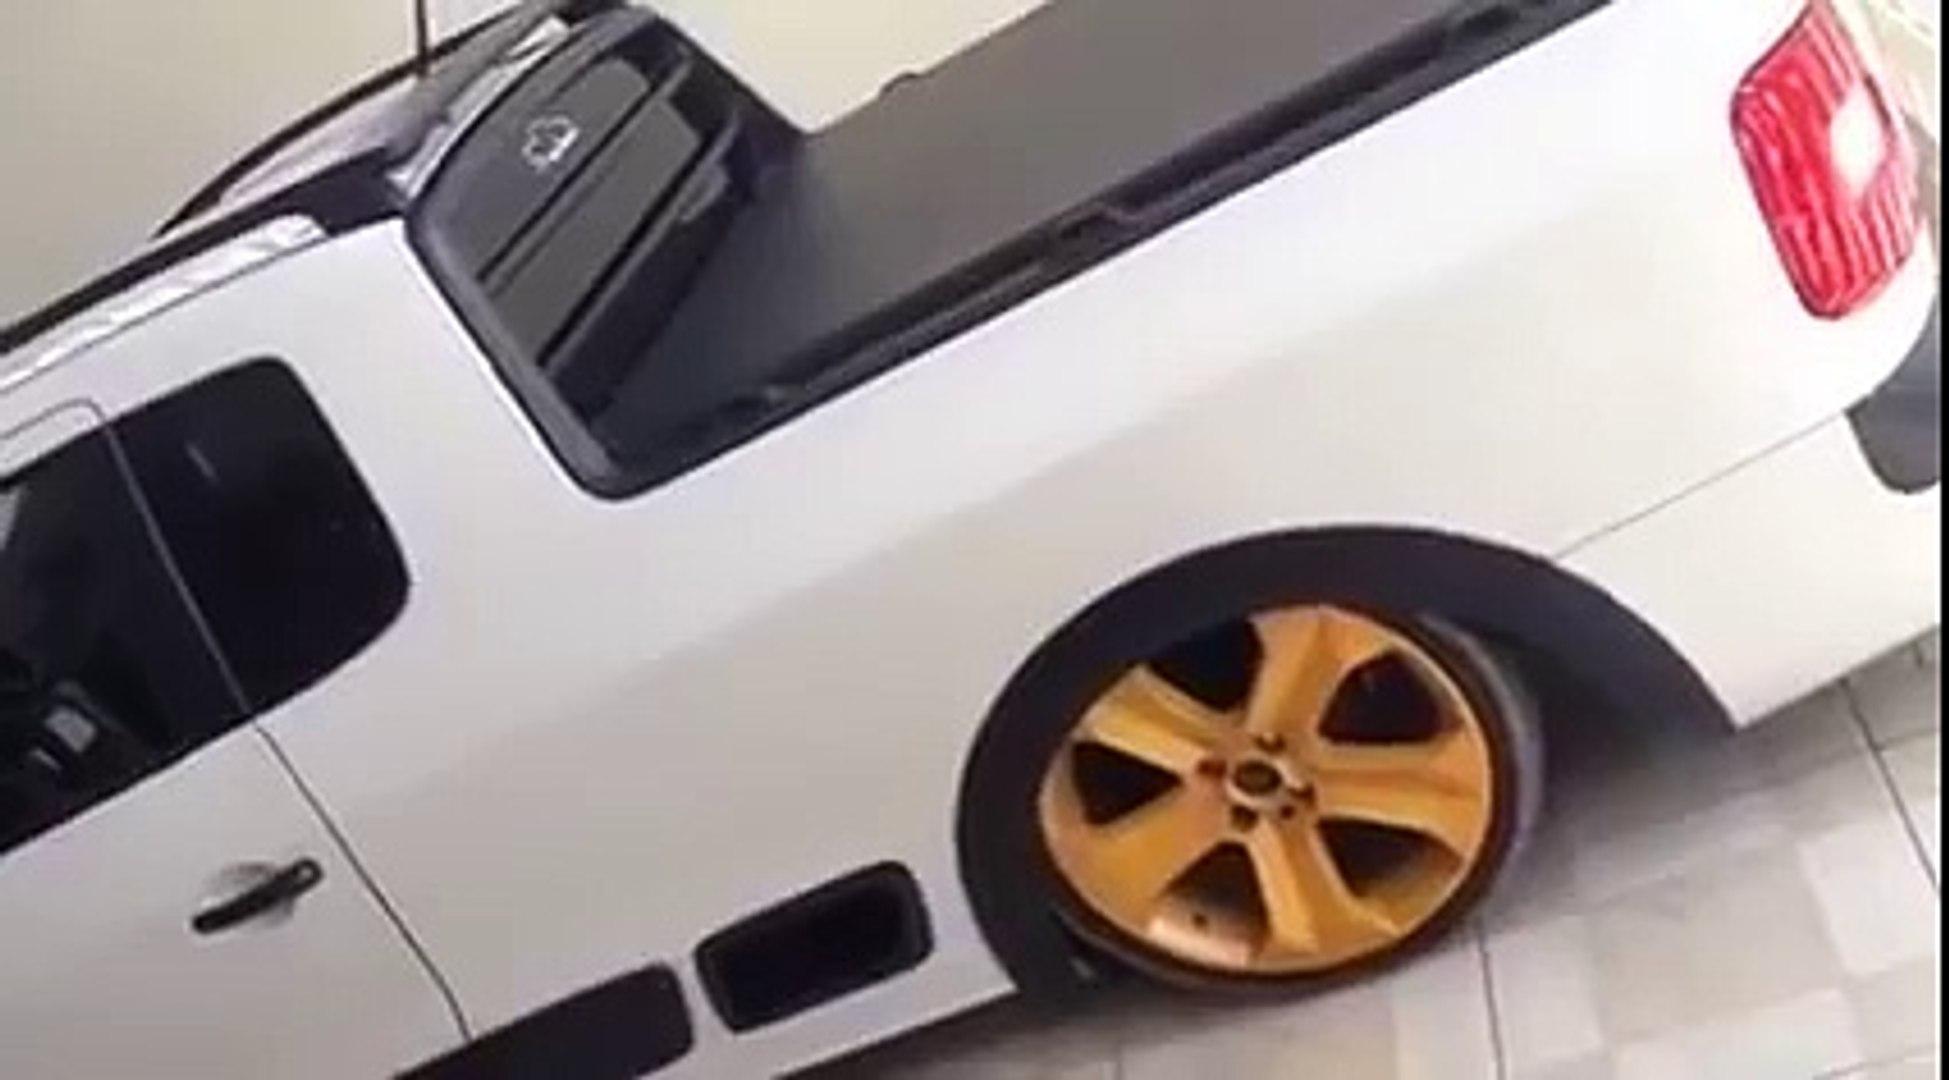 VIDEOS REBAIXADAS BAIXAR DE SAVEIROS